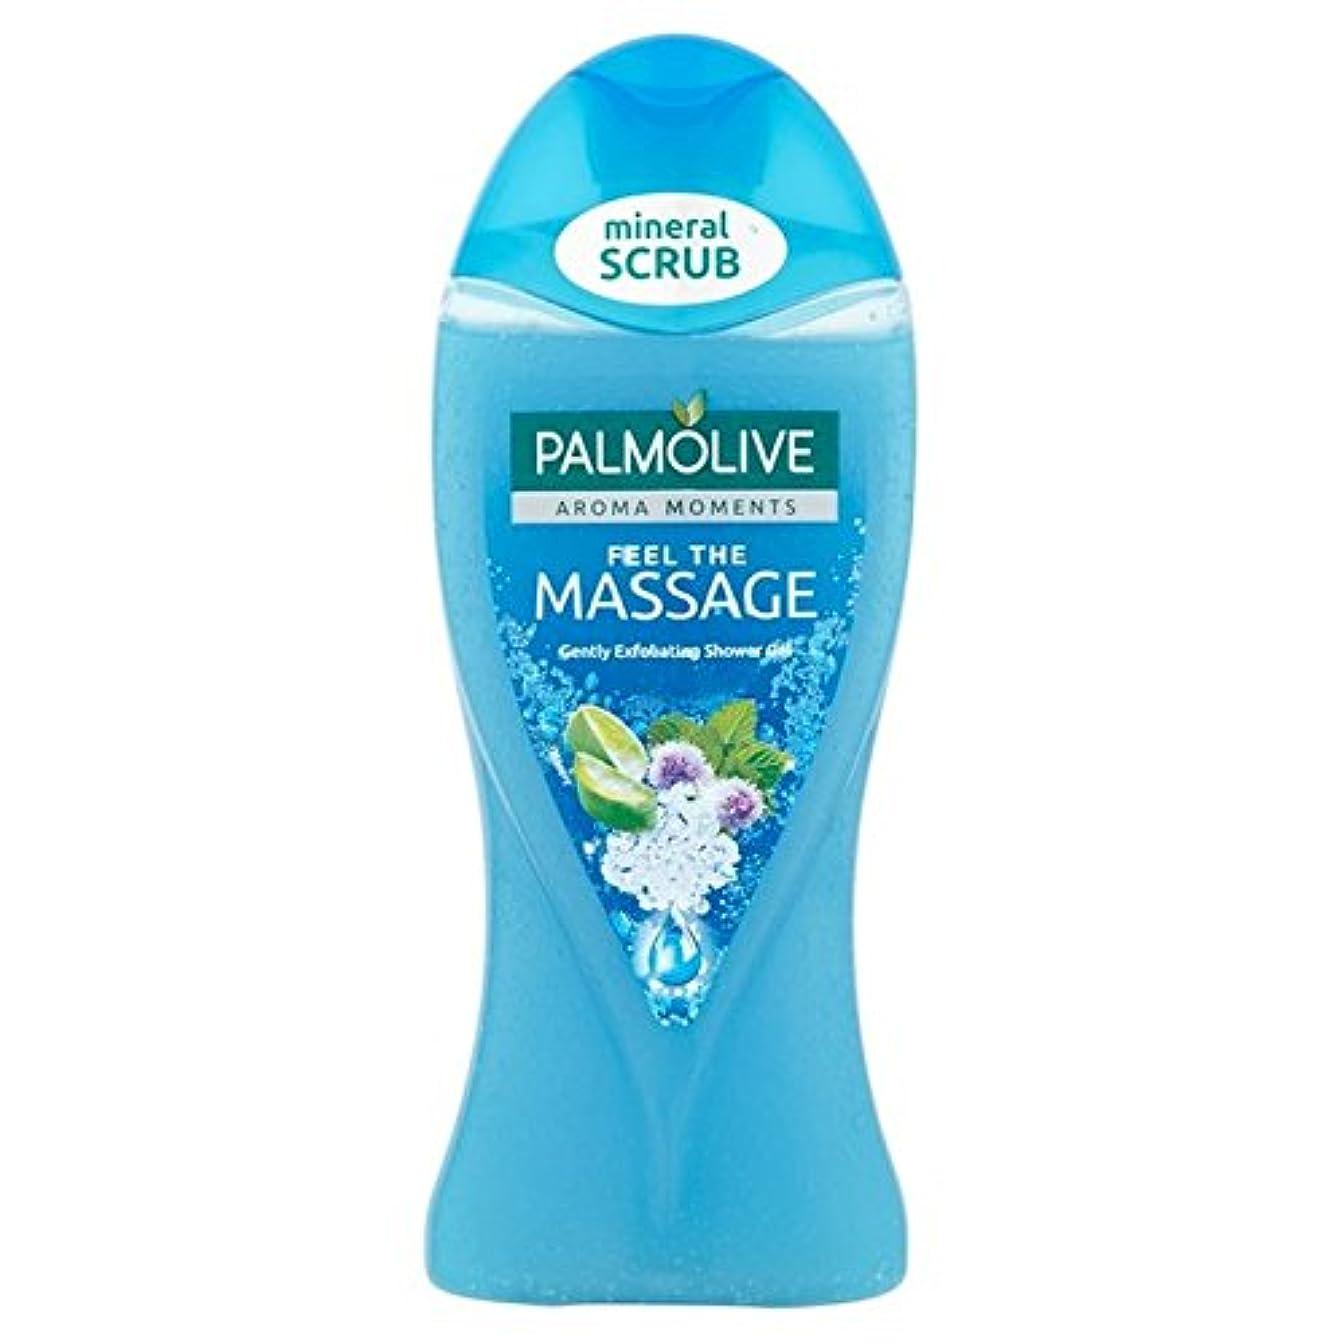 最後の本能出演者パルモシャワージェルマッサージ250ミリリットル x4 - Palmolive Shower Gel Massage 250ml (Pack of 4) [並行輸入品]